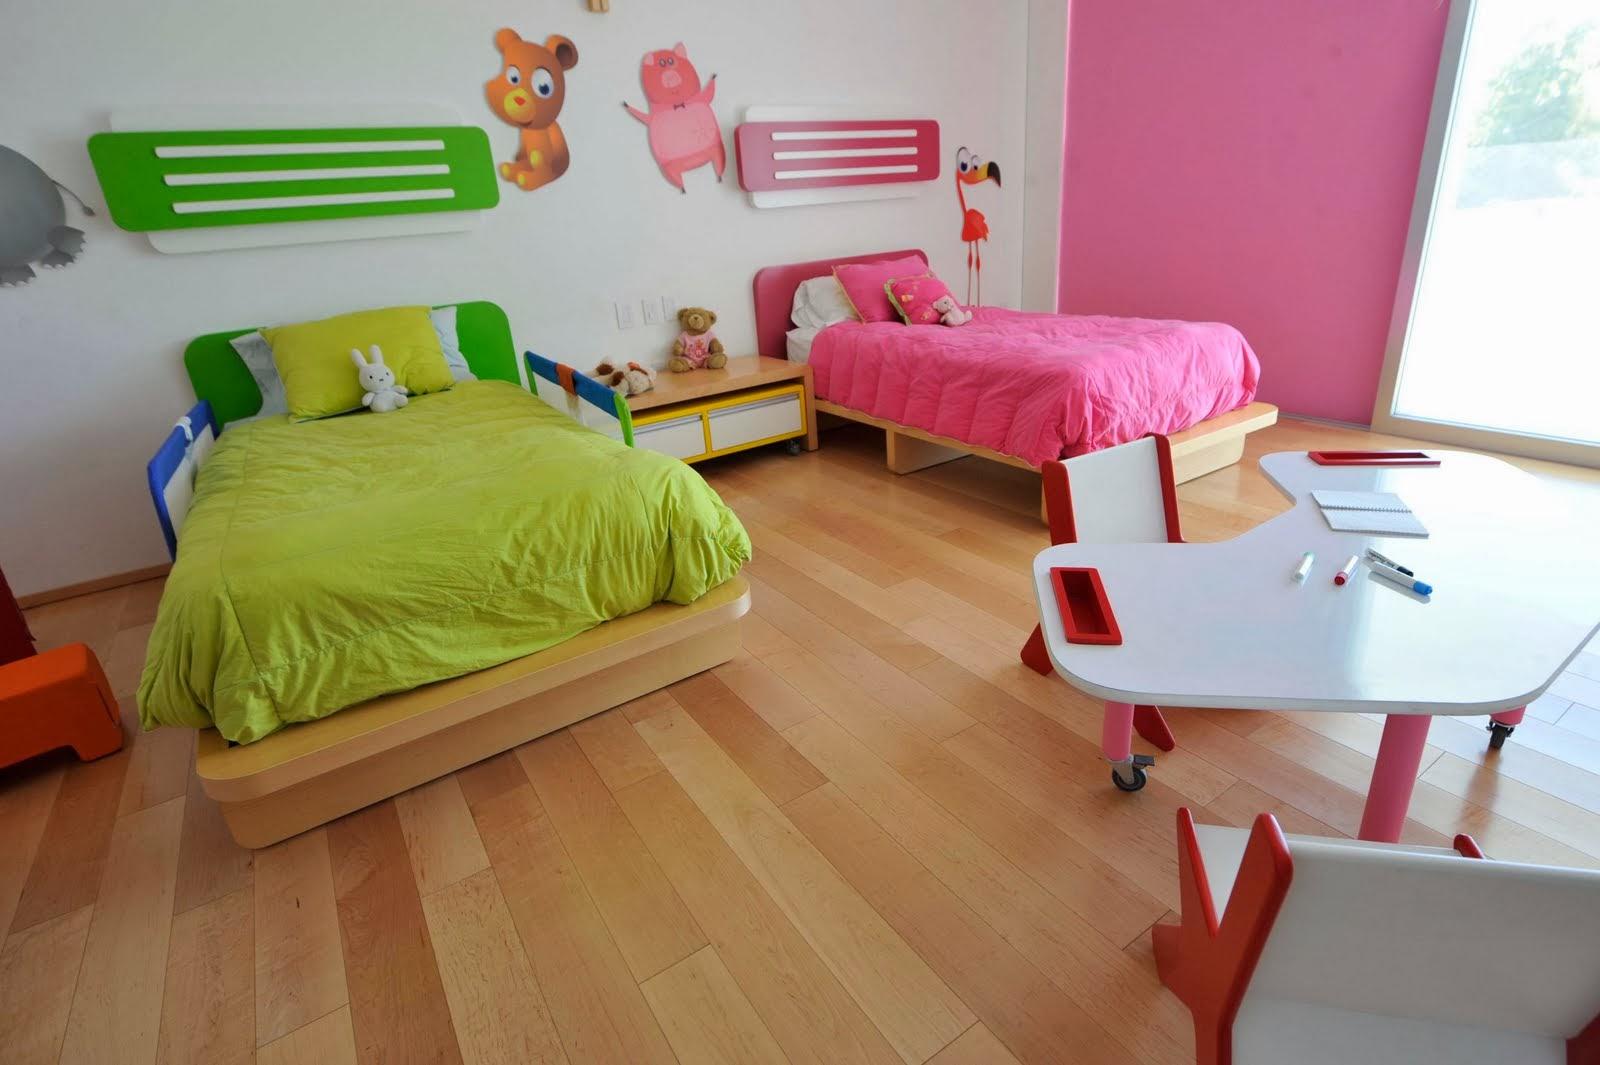 Dormitorio infantil mixto dormitorios compartidos para - Decorar paredes ninos ...